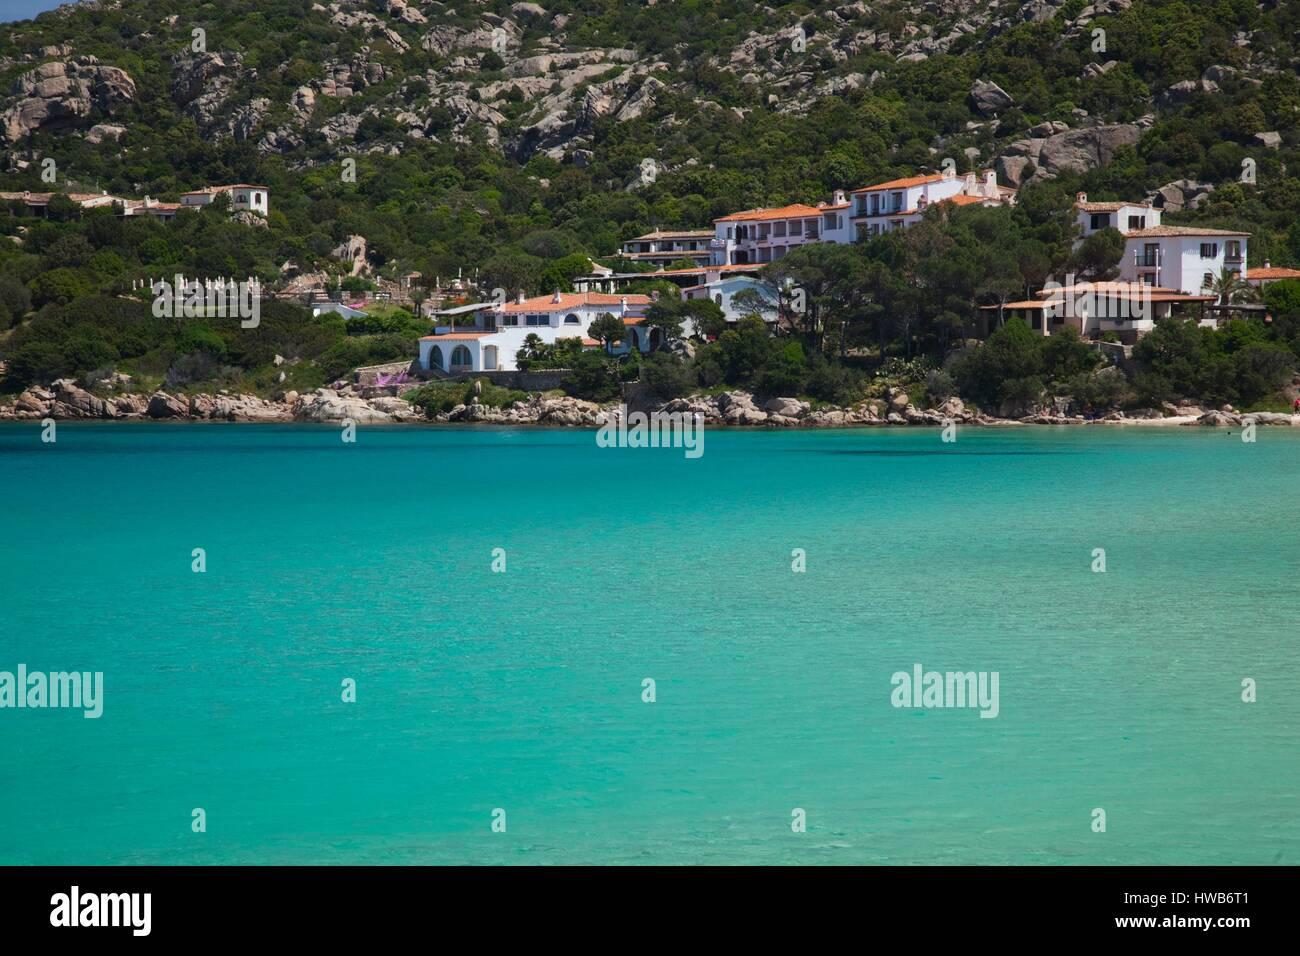 Italy, Sardinia, Northern Sardinia, Costa Smeralda, Baia Sardinia, resort beach - Stock Image